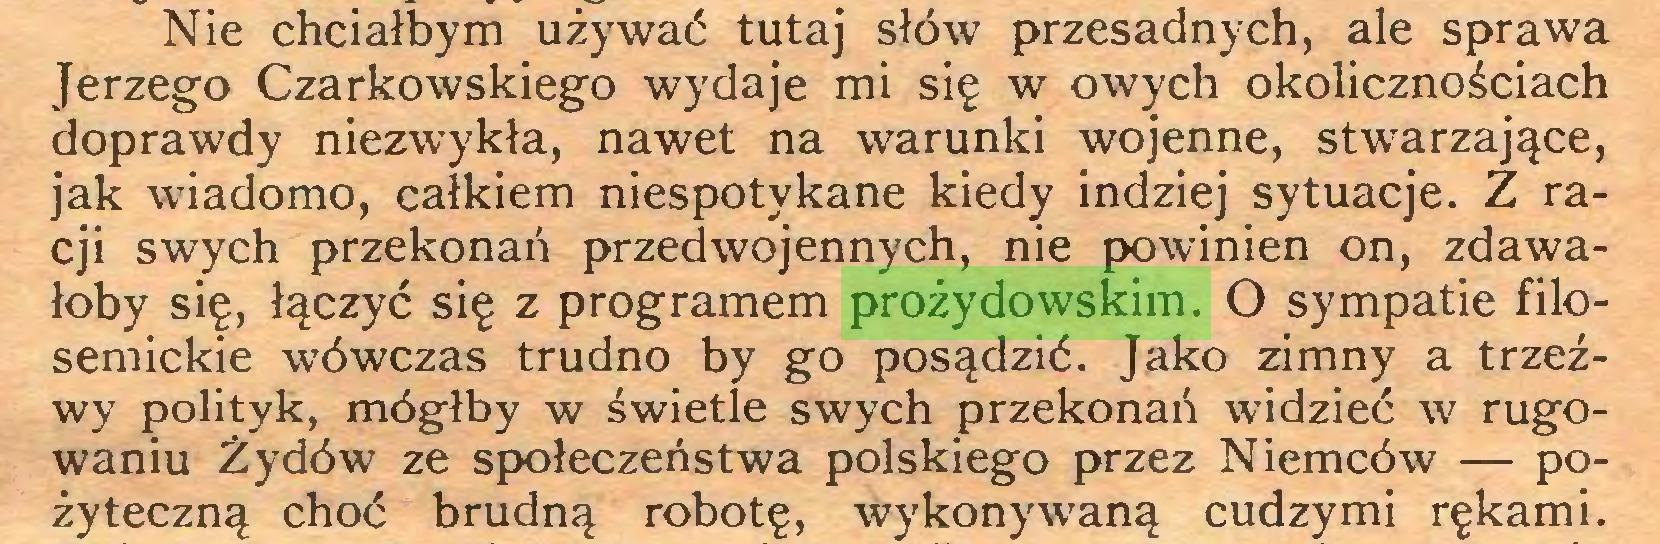 (...) Nie chciałbym używać tutaj słów przesadnych, ale sprawa Jerzego Czarkowskiego wydaje mi się w owych okolicznościach doprawdy niezwykła, nawet na warunki wojenne, stwarzające, jak wiadomo, całkiem niespotykane kiedy indziej sytuacje. Z racji swych przekonań przedwojennych, nie powinien on, zdawałoby się, łączyć się z programem prożydowskim. O sympatie filosemickie wówczas trudno by go posądzić. Jako zimny a trzeźwy polityk, mógłby w świetle swych przekonań widzieć w rugowaniu Żydów ze społeczeństwa polskiego przez Niemców — pożyteczną choć brudną robotę, wykonywaną cudzymi rękami...